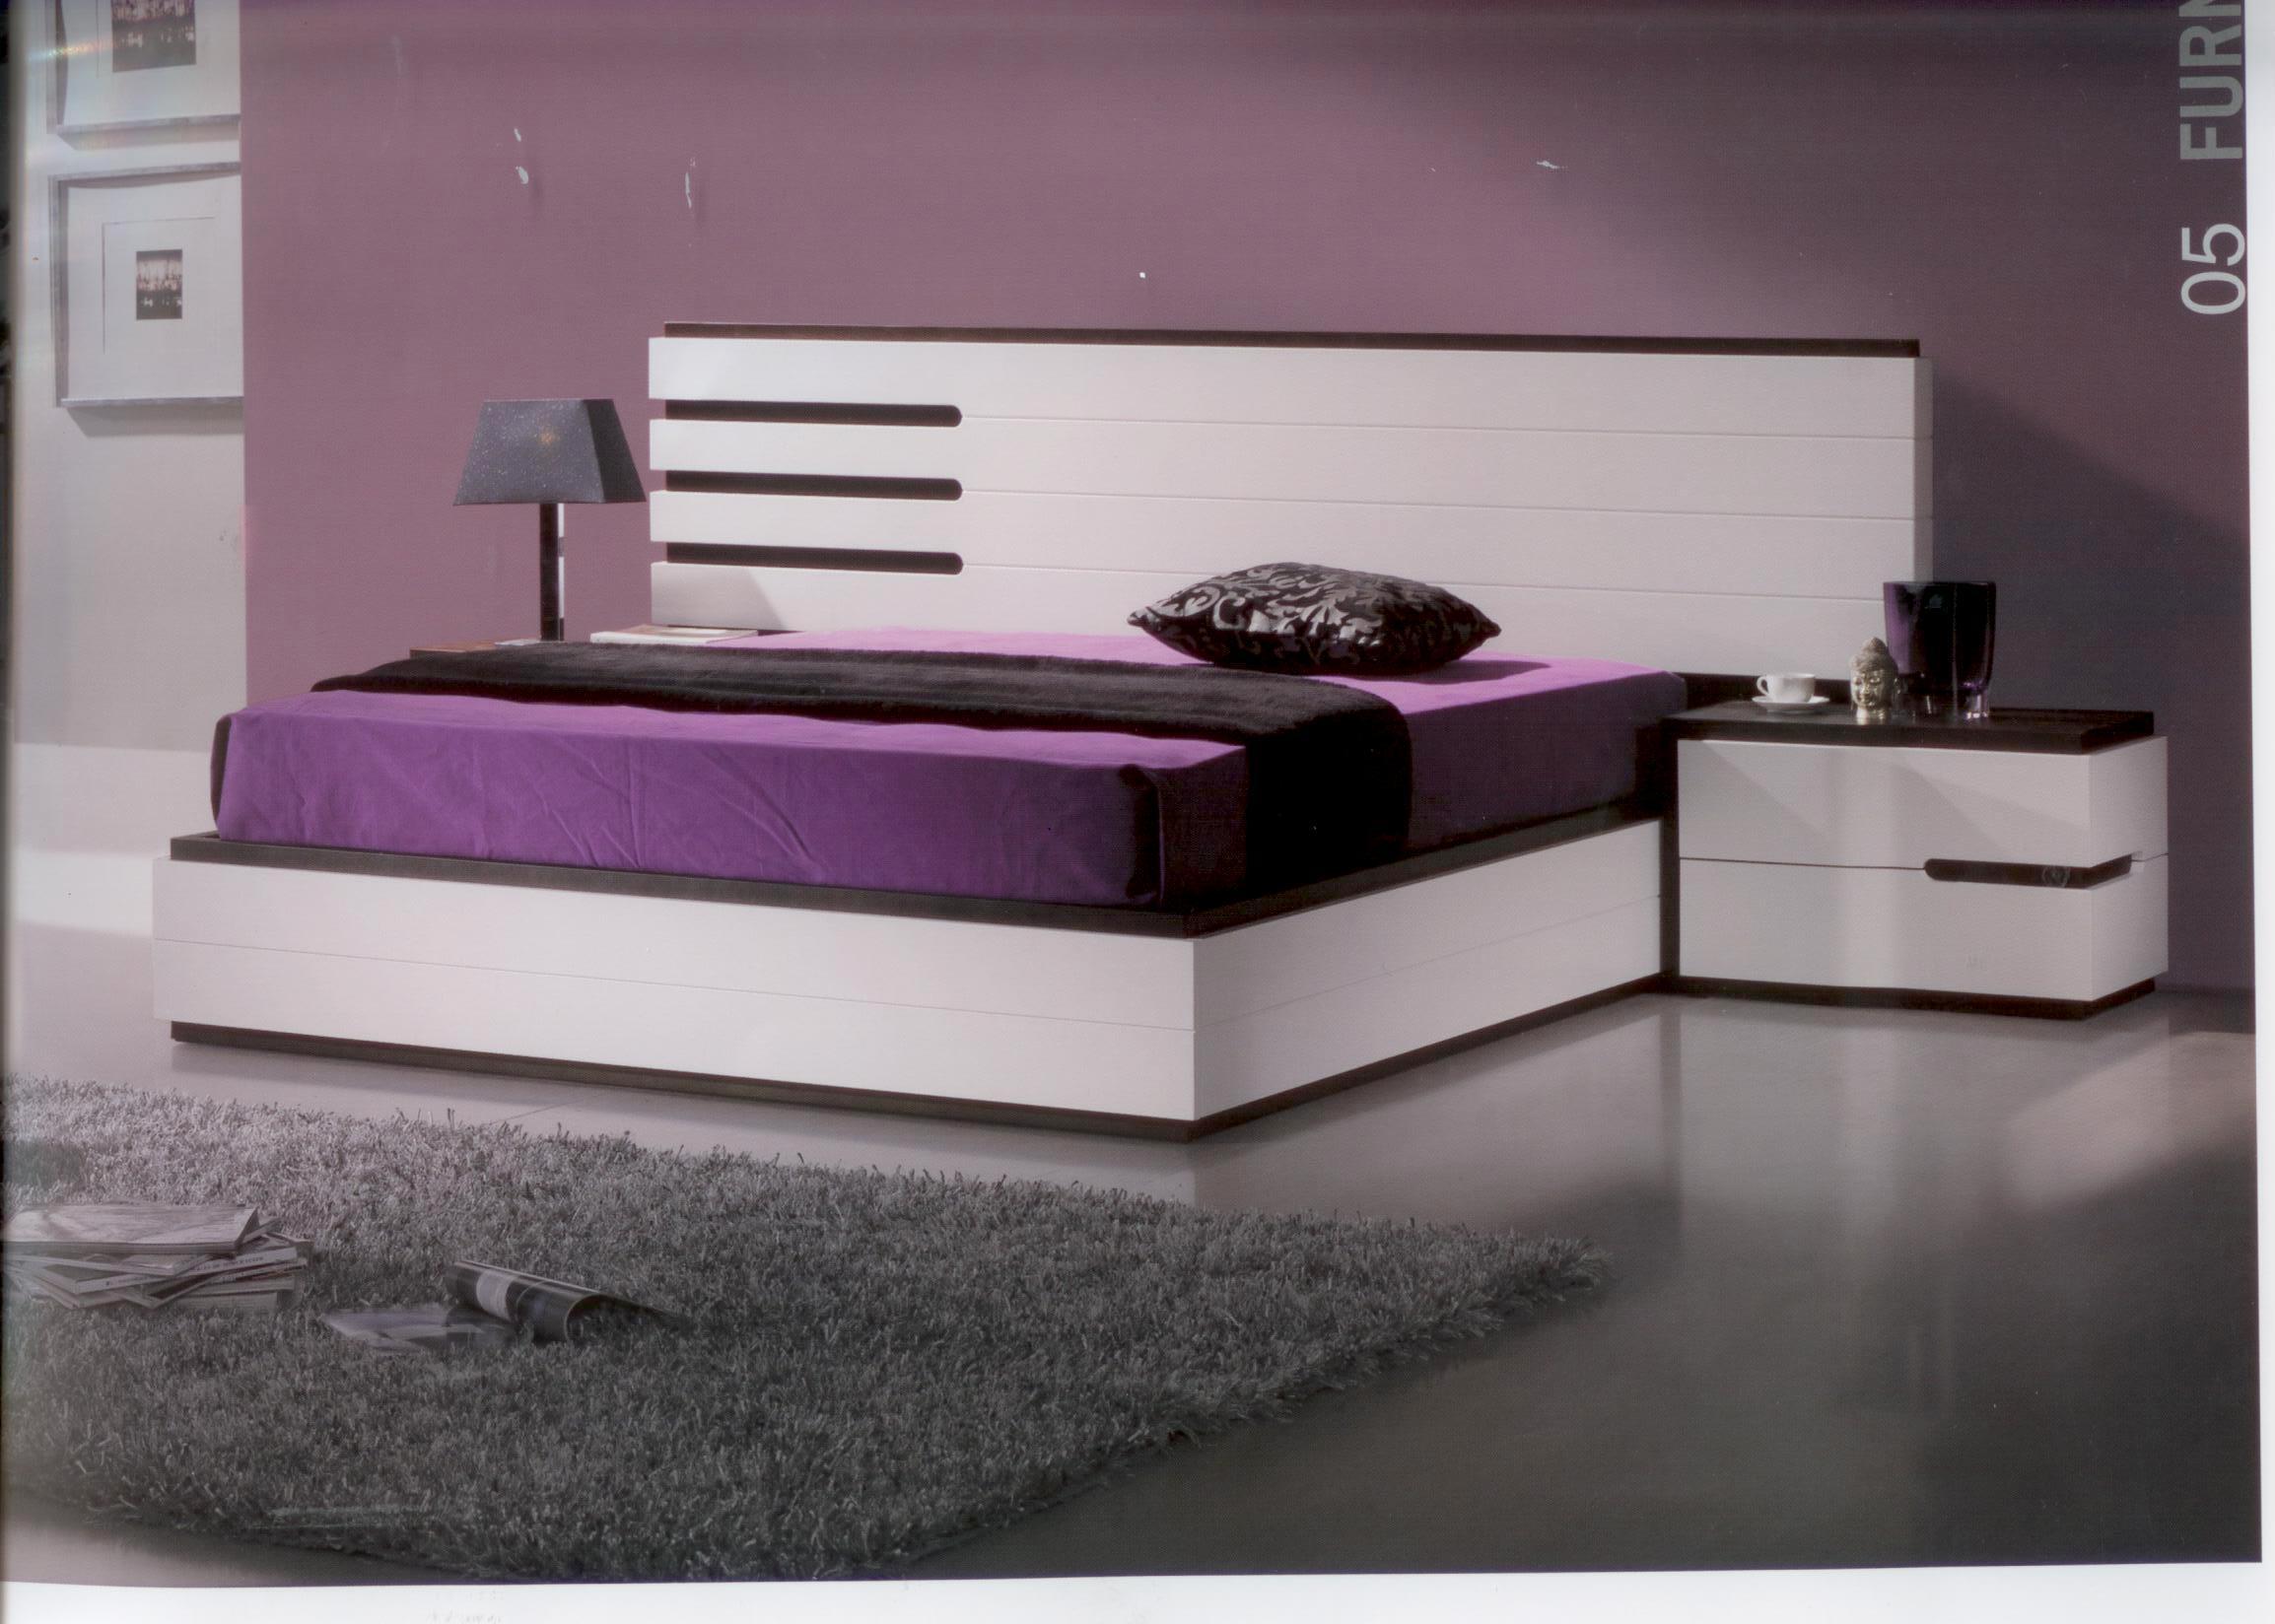 Servicios de muebles bed mattress sale for Muebles modernos en miami florida